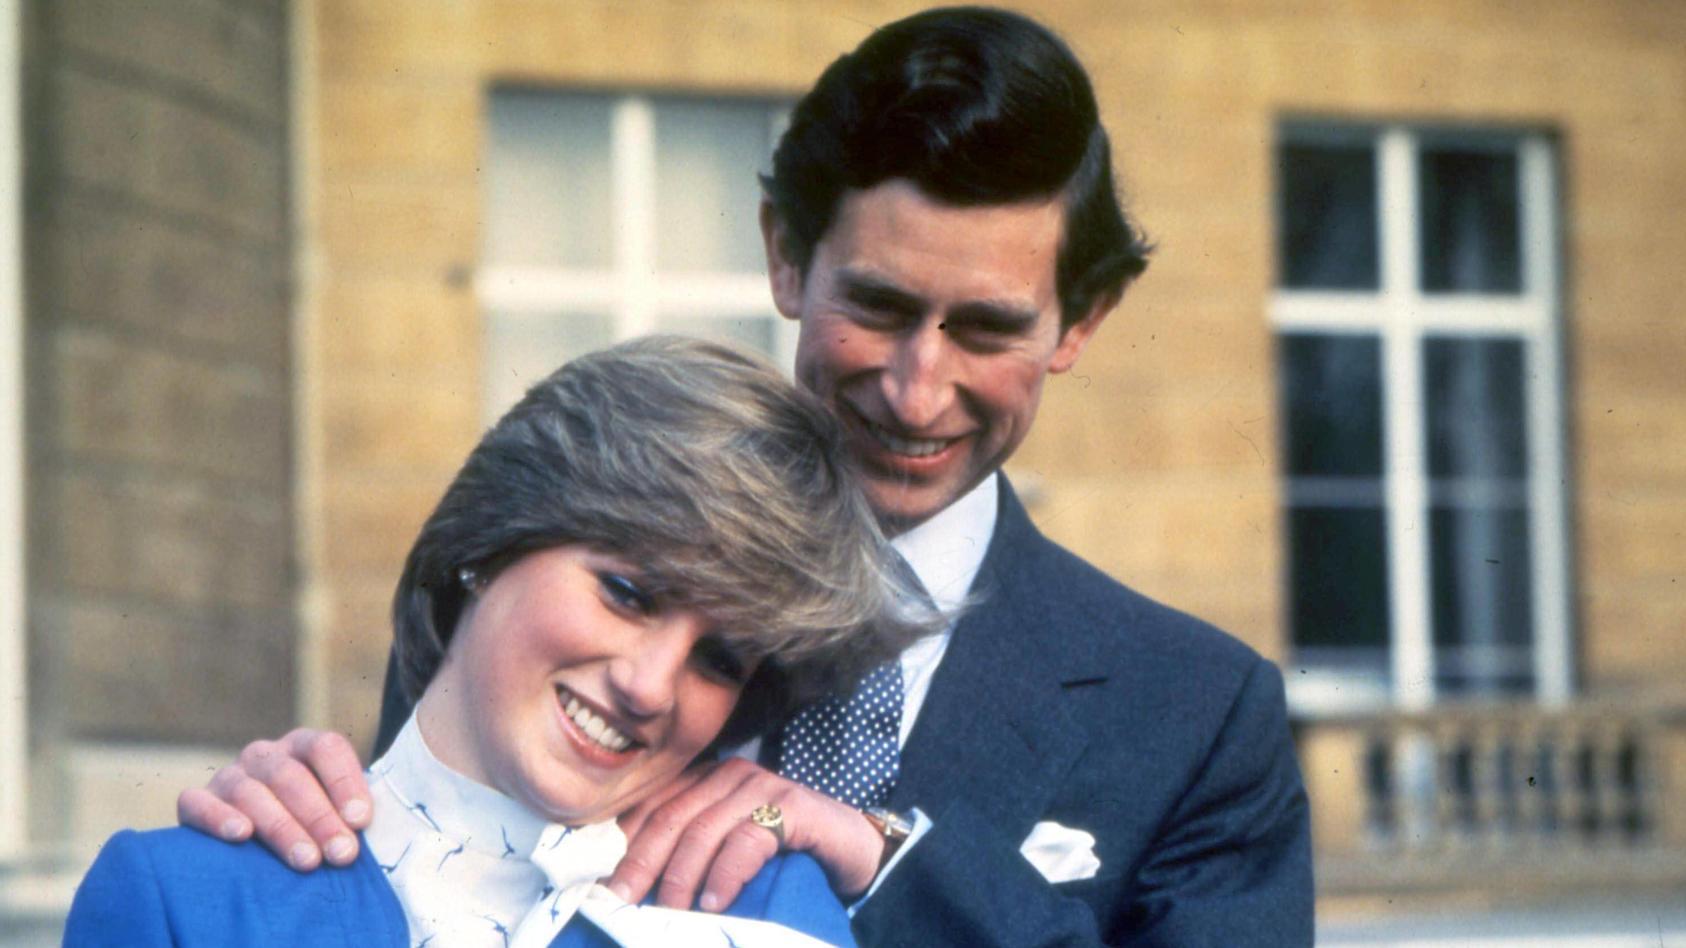 Nach 15 Jahren Ehe wurden Prinzessin Diana und Prinz Charles am 28. August 1996 geschieden.